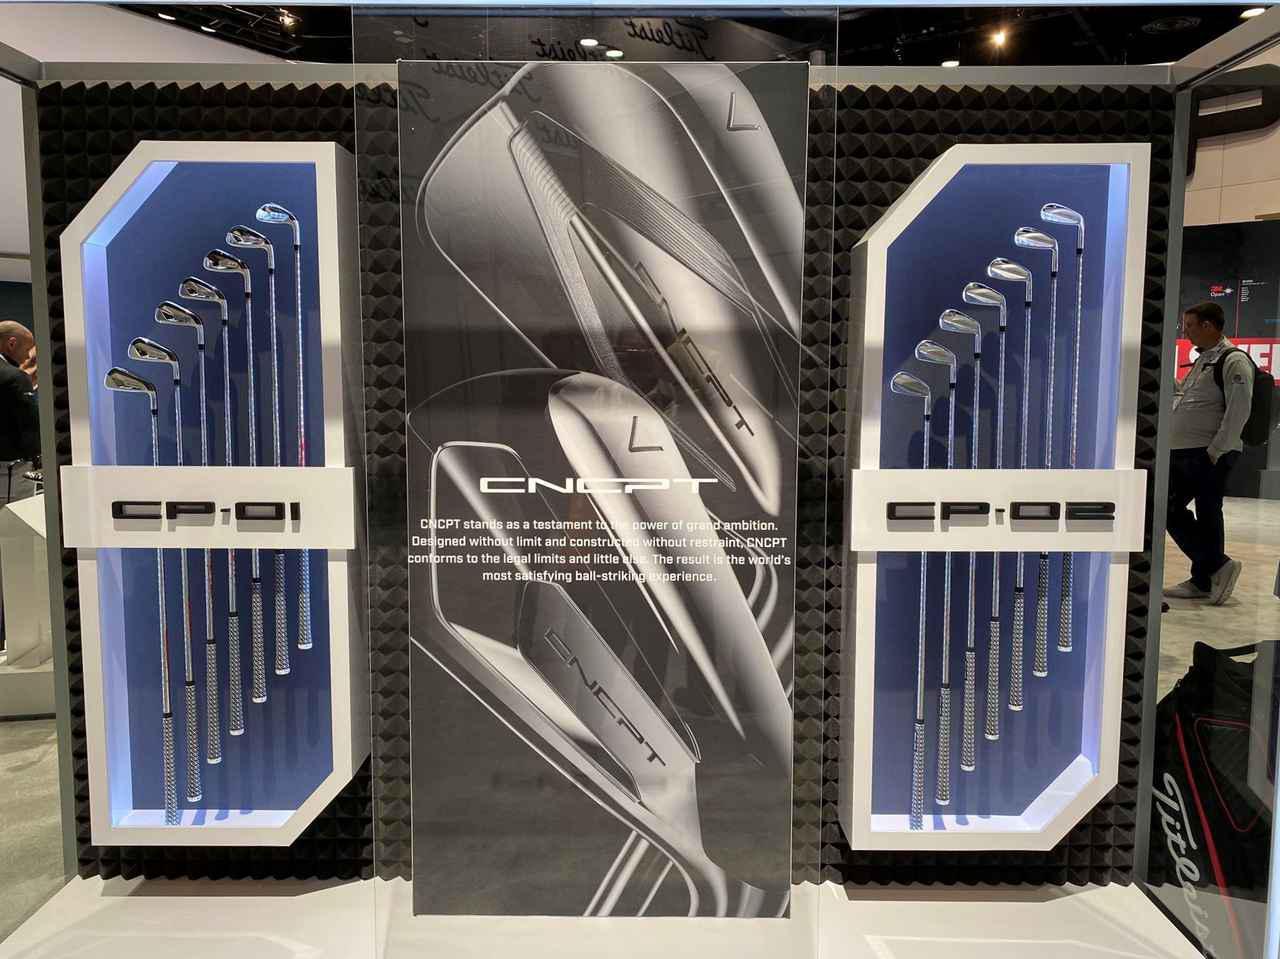 画像: 右がシャープなストレートフェースのCP-02、左がややオフセットが付いたCP-01。ギアオタク心をくすぐる逸品でした!